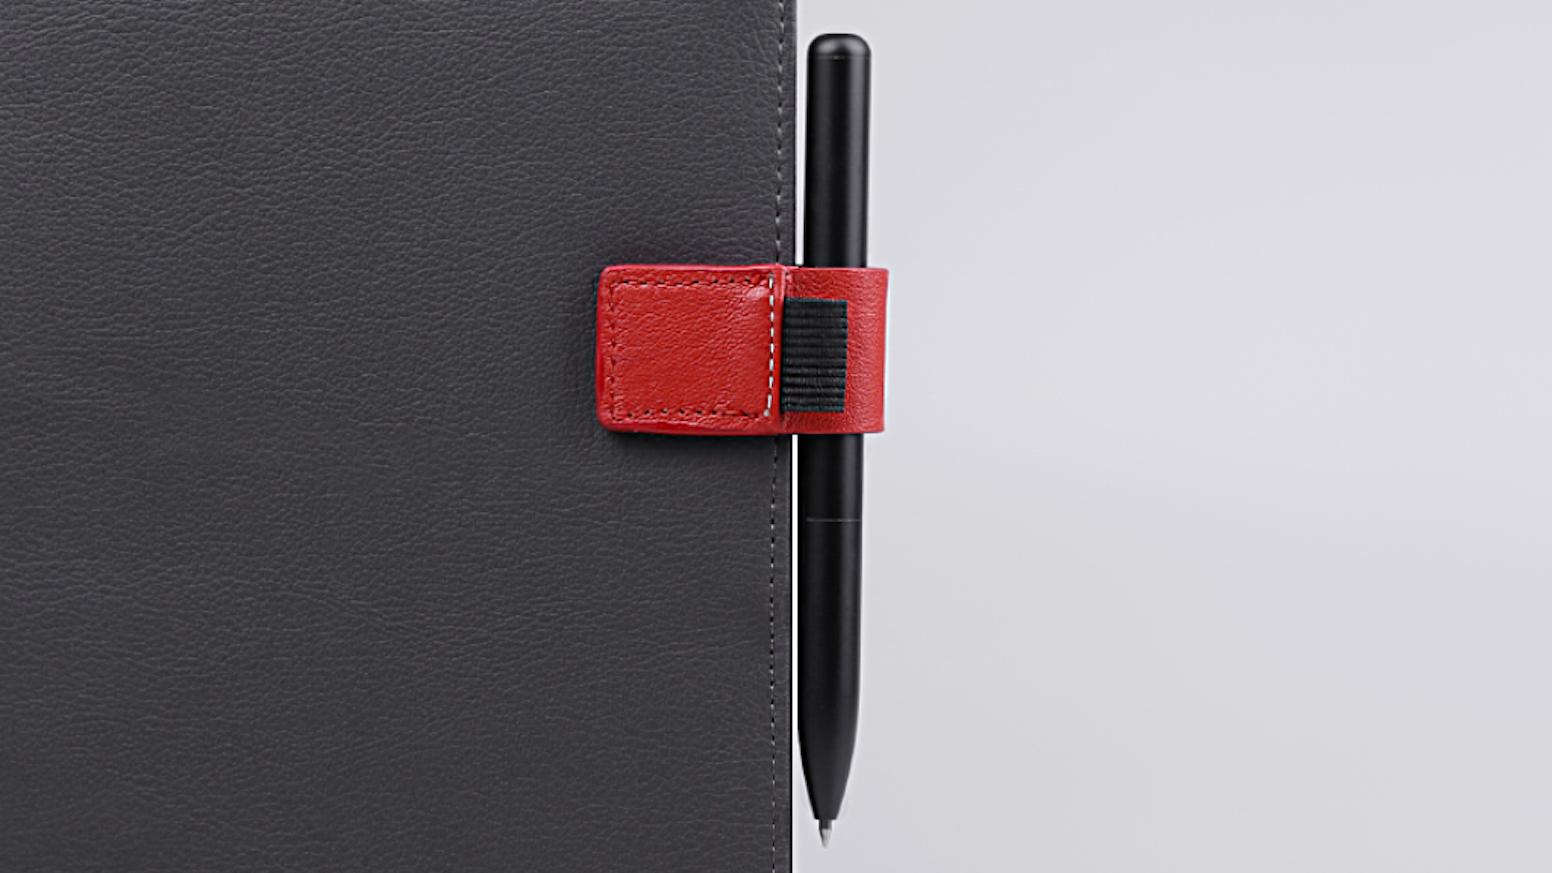 A versatile magnetic clip for your pen, earphone, cash, etc.